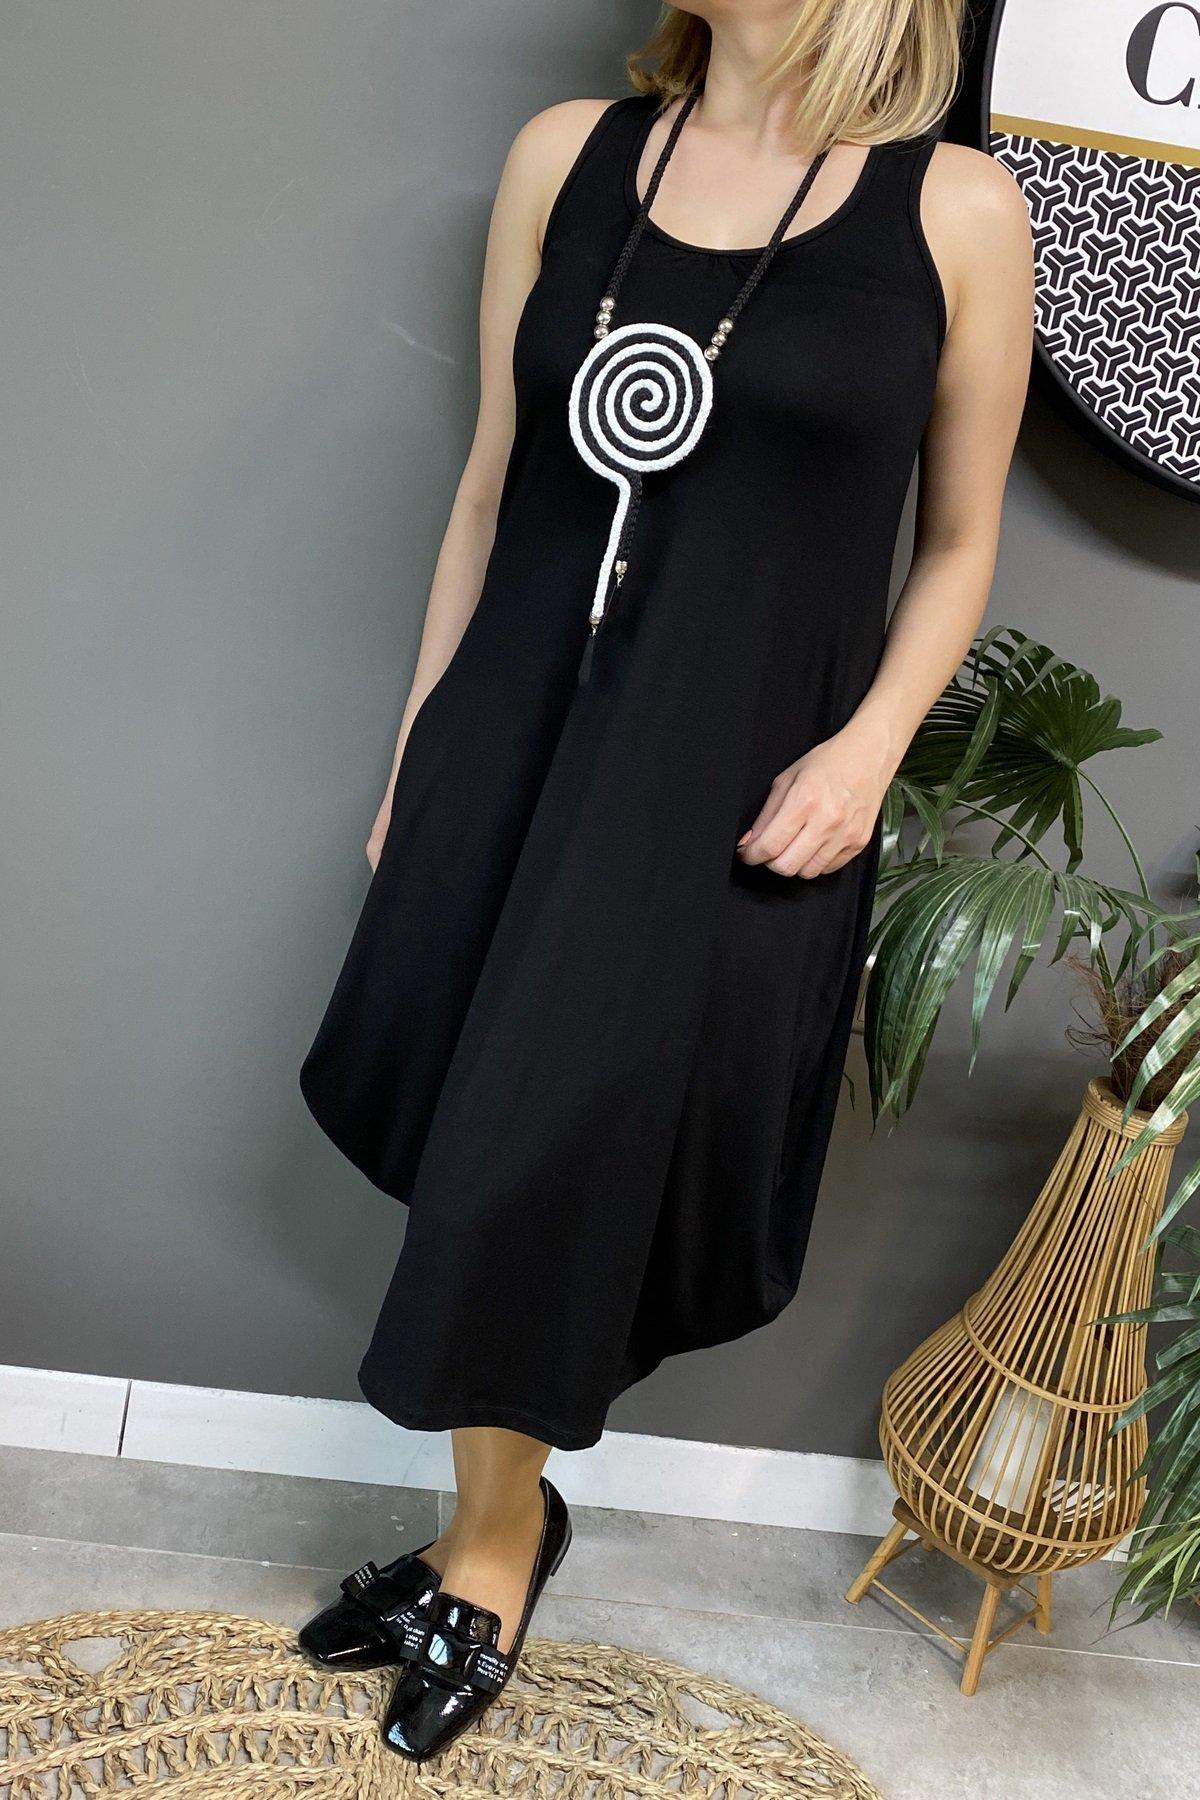 https://resim.chicbag.com.tr/p000702/shy/sirti-fileli-kolsuz-yanlari-ucgen-elbise-crr-01b03df7188a.